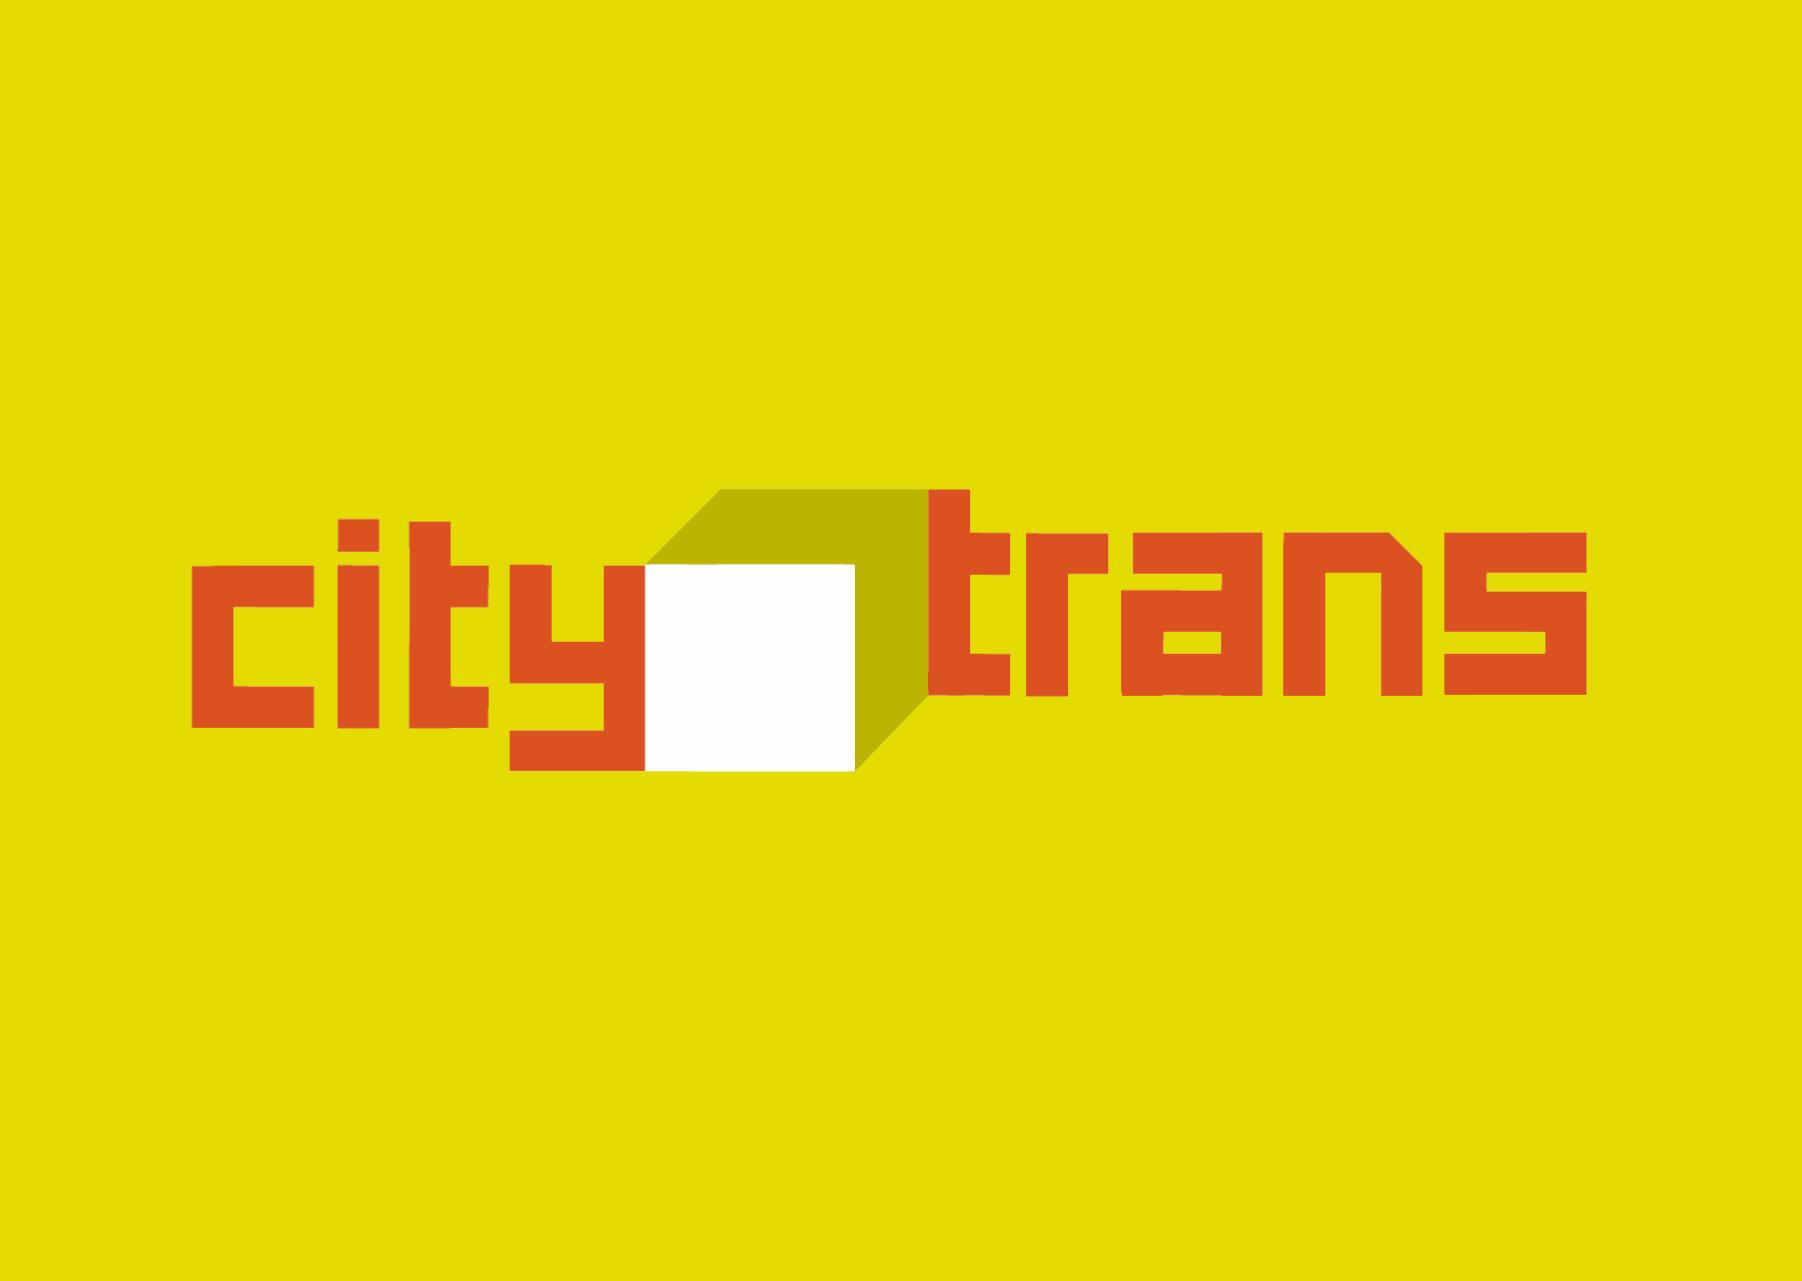 Разработка Логотипа транспортной компании фото f_3525e6f4b38bc391.png